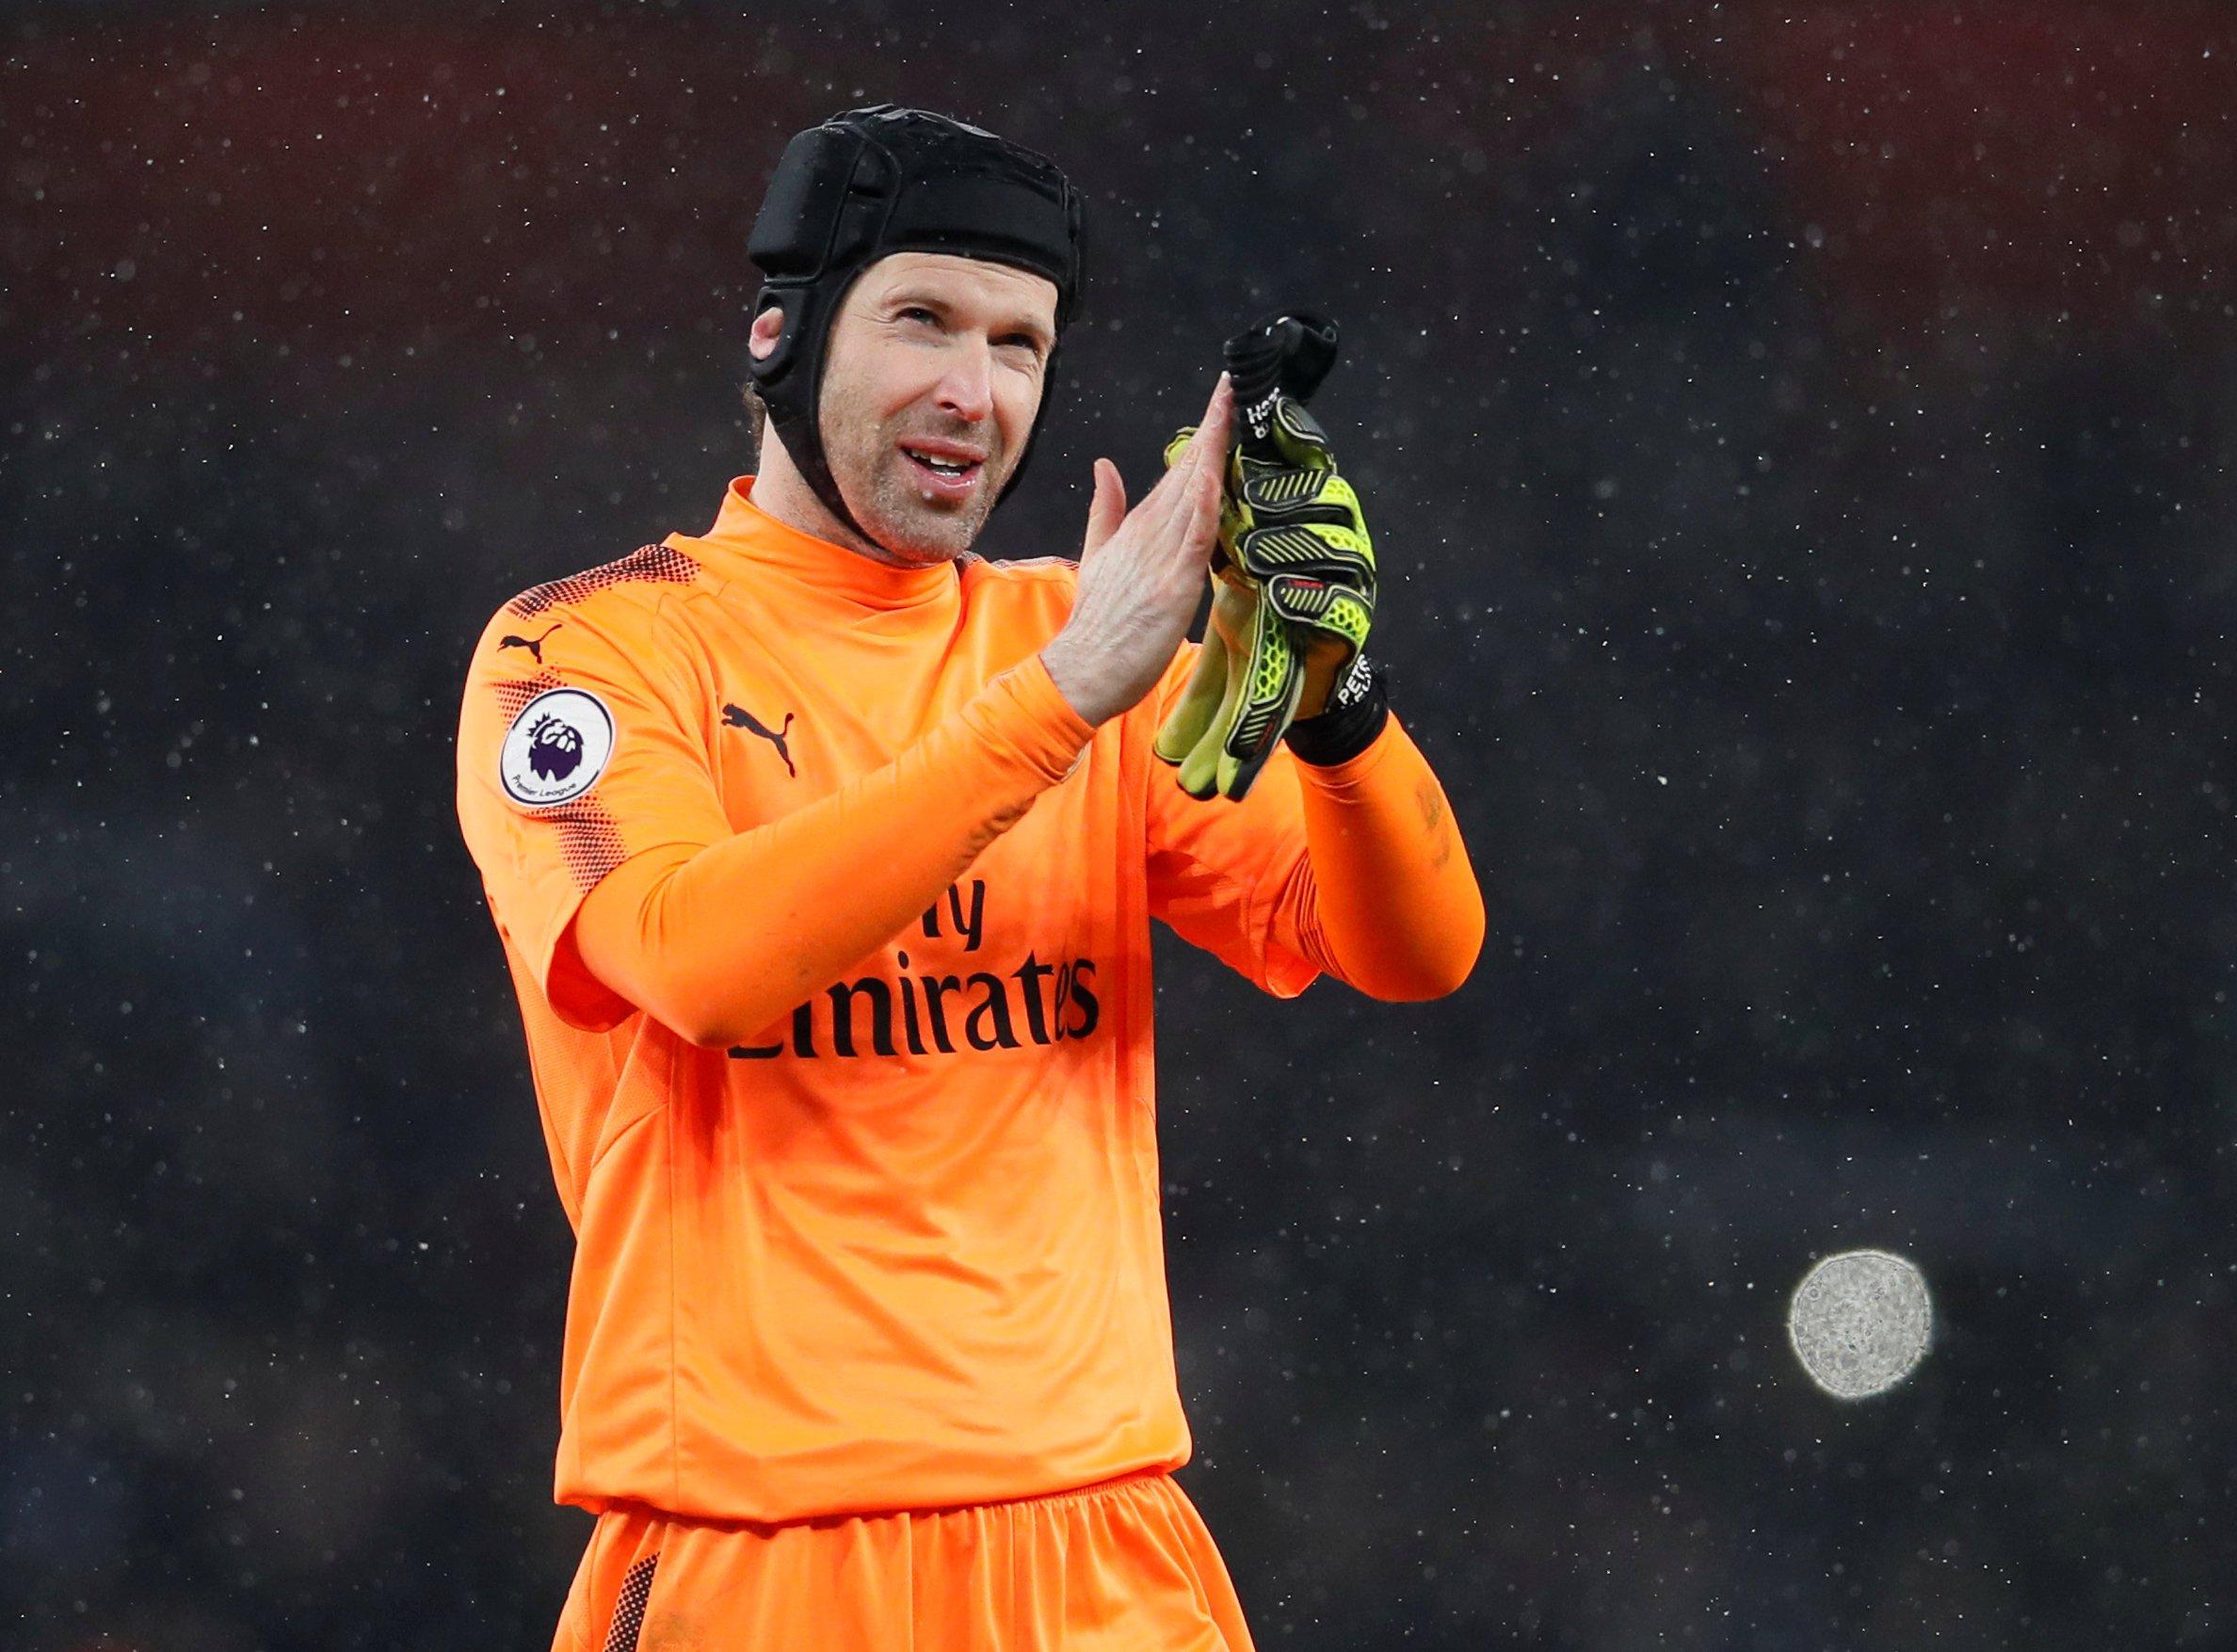 Arsenal target Bayer Leverkusen goalkeeper Bernd Leno as Petr Cech replacement